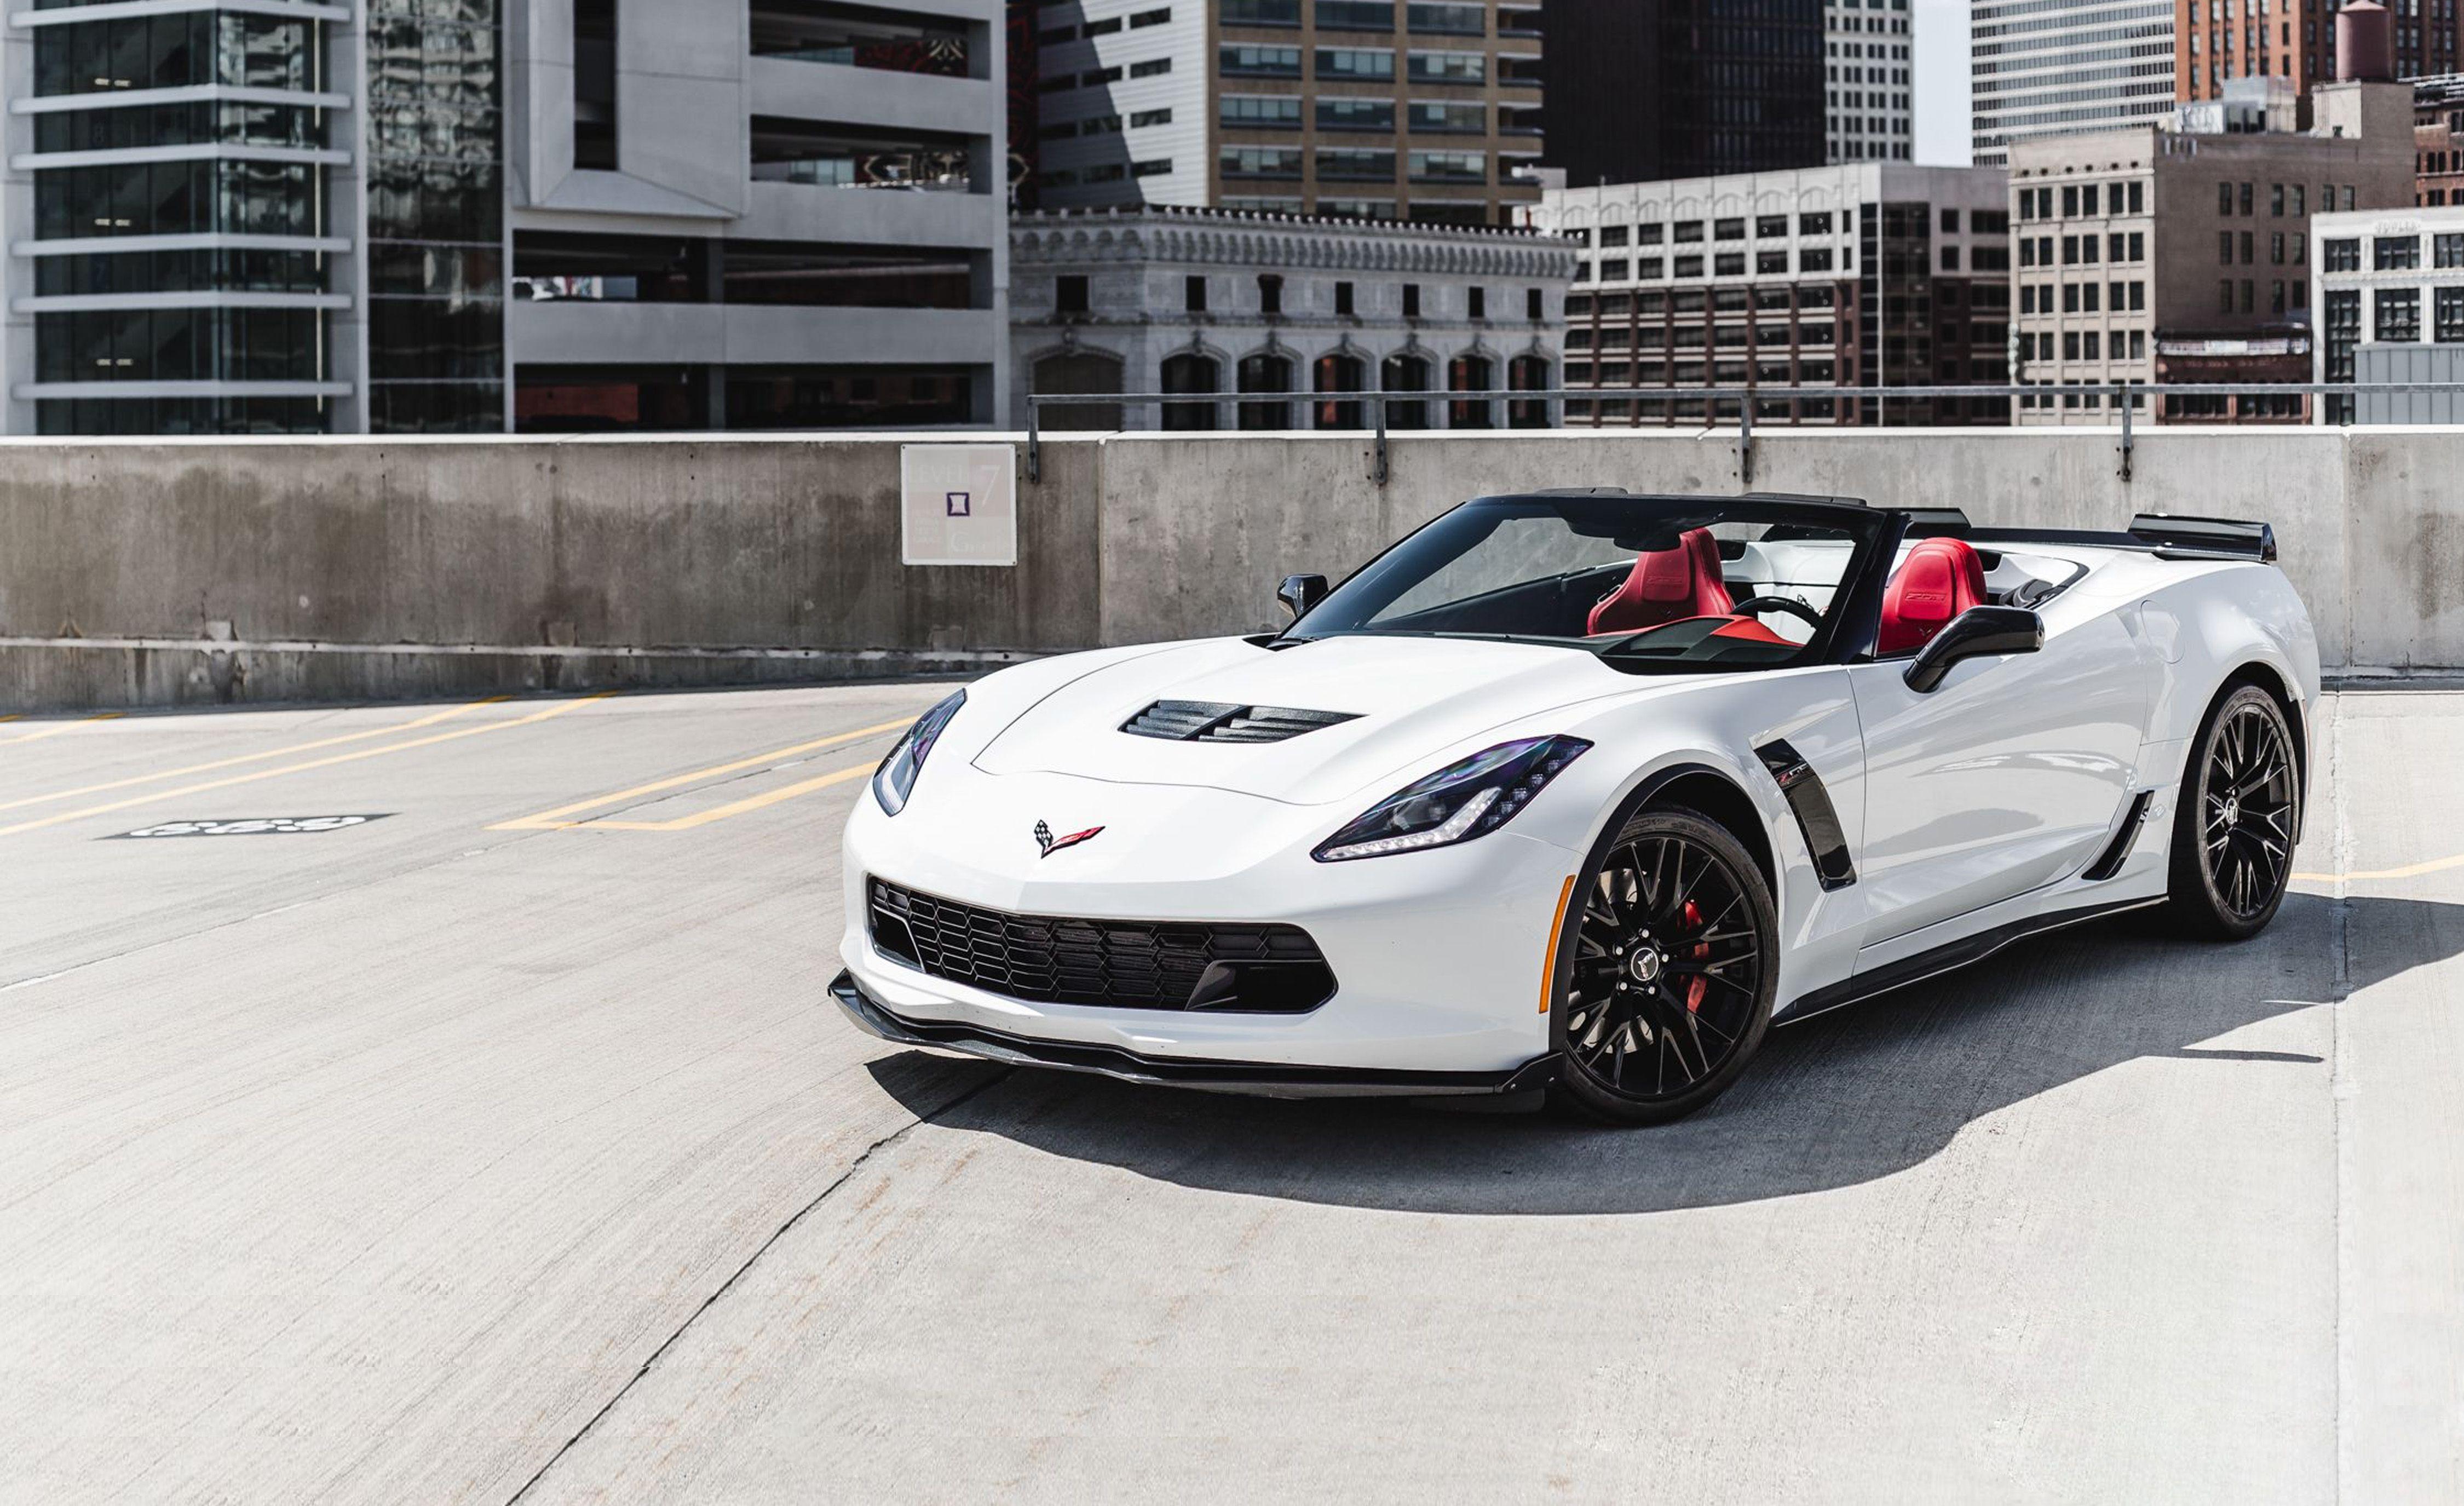 Kelebihan Kekurangan Corvette Z6 Perbandingan Harga